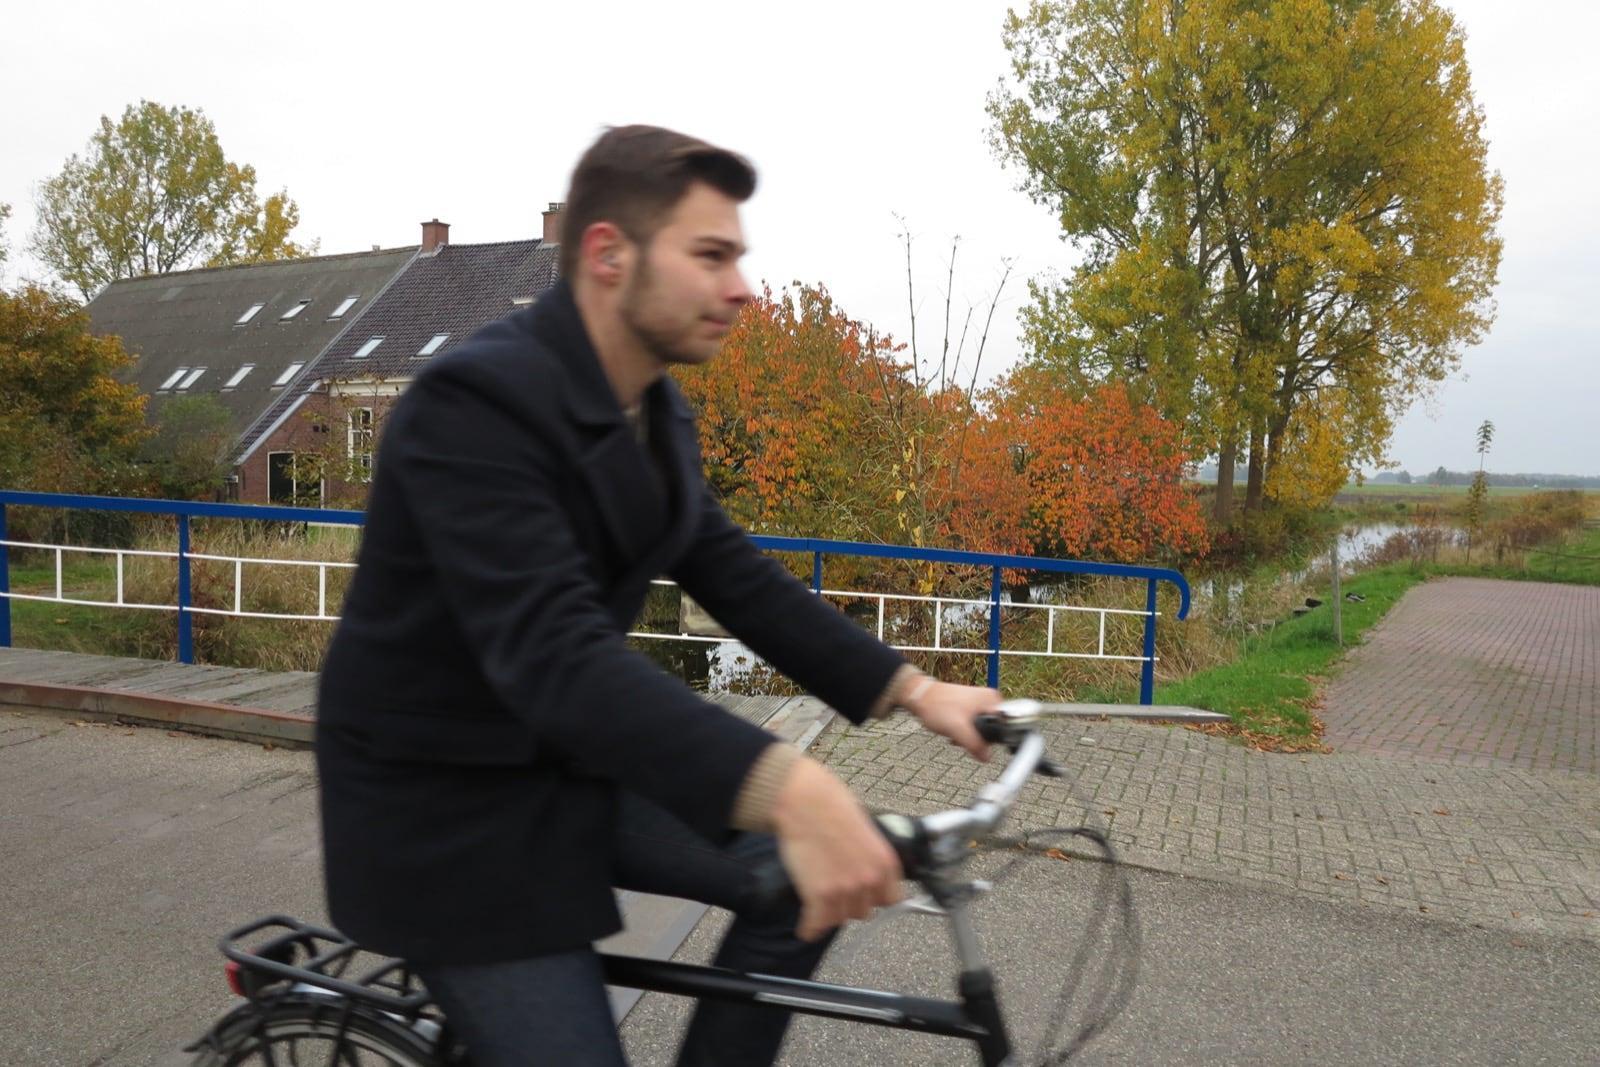 et-fiets-en-fietser-94-yannick-sloot-oi.jpg